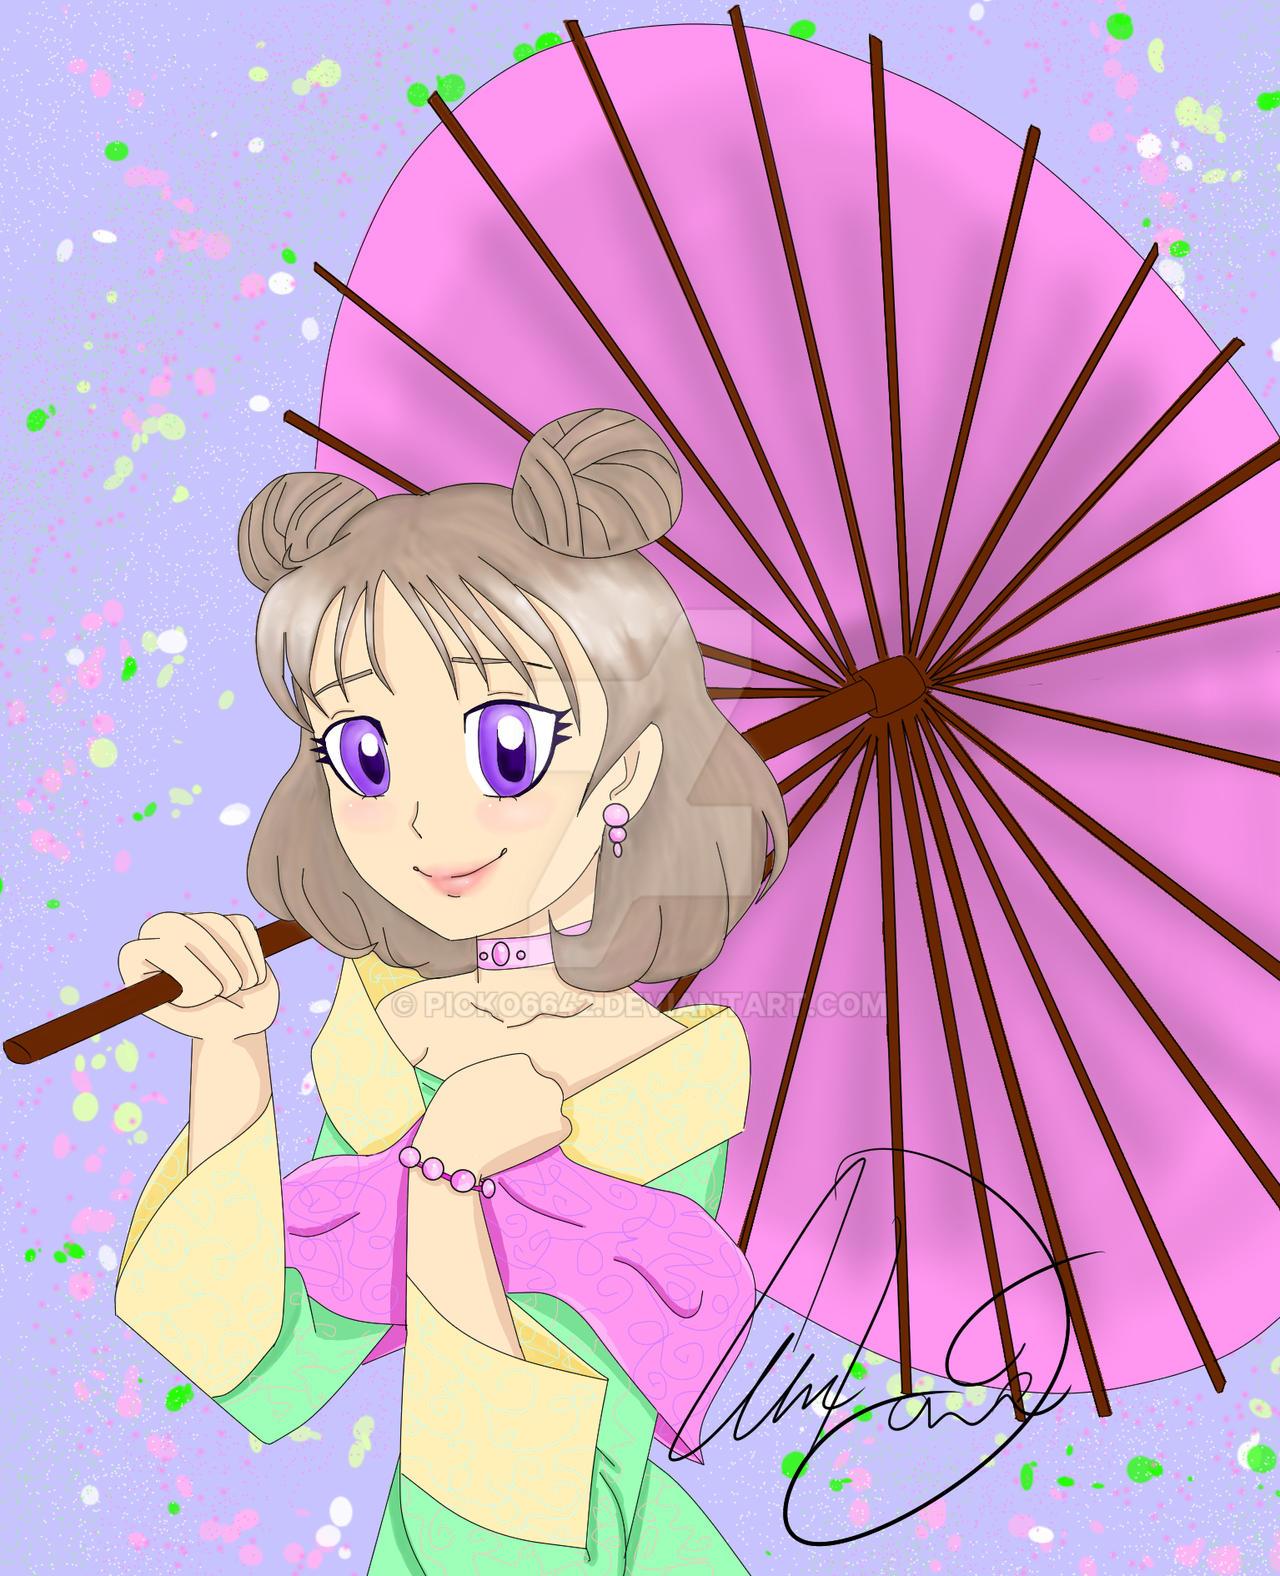 Anime Girl in Kimono Render by HaruRenders on DeviantArt